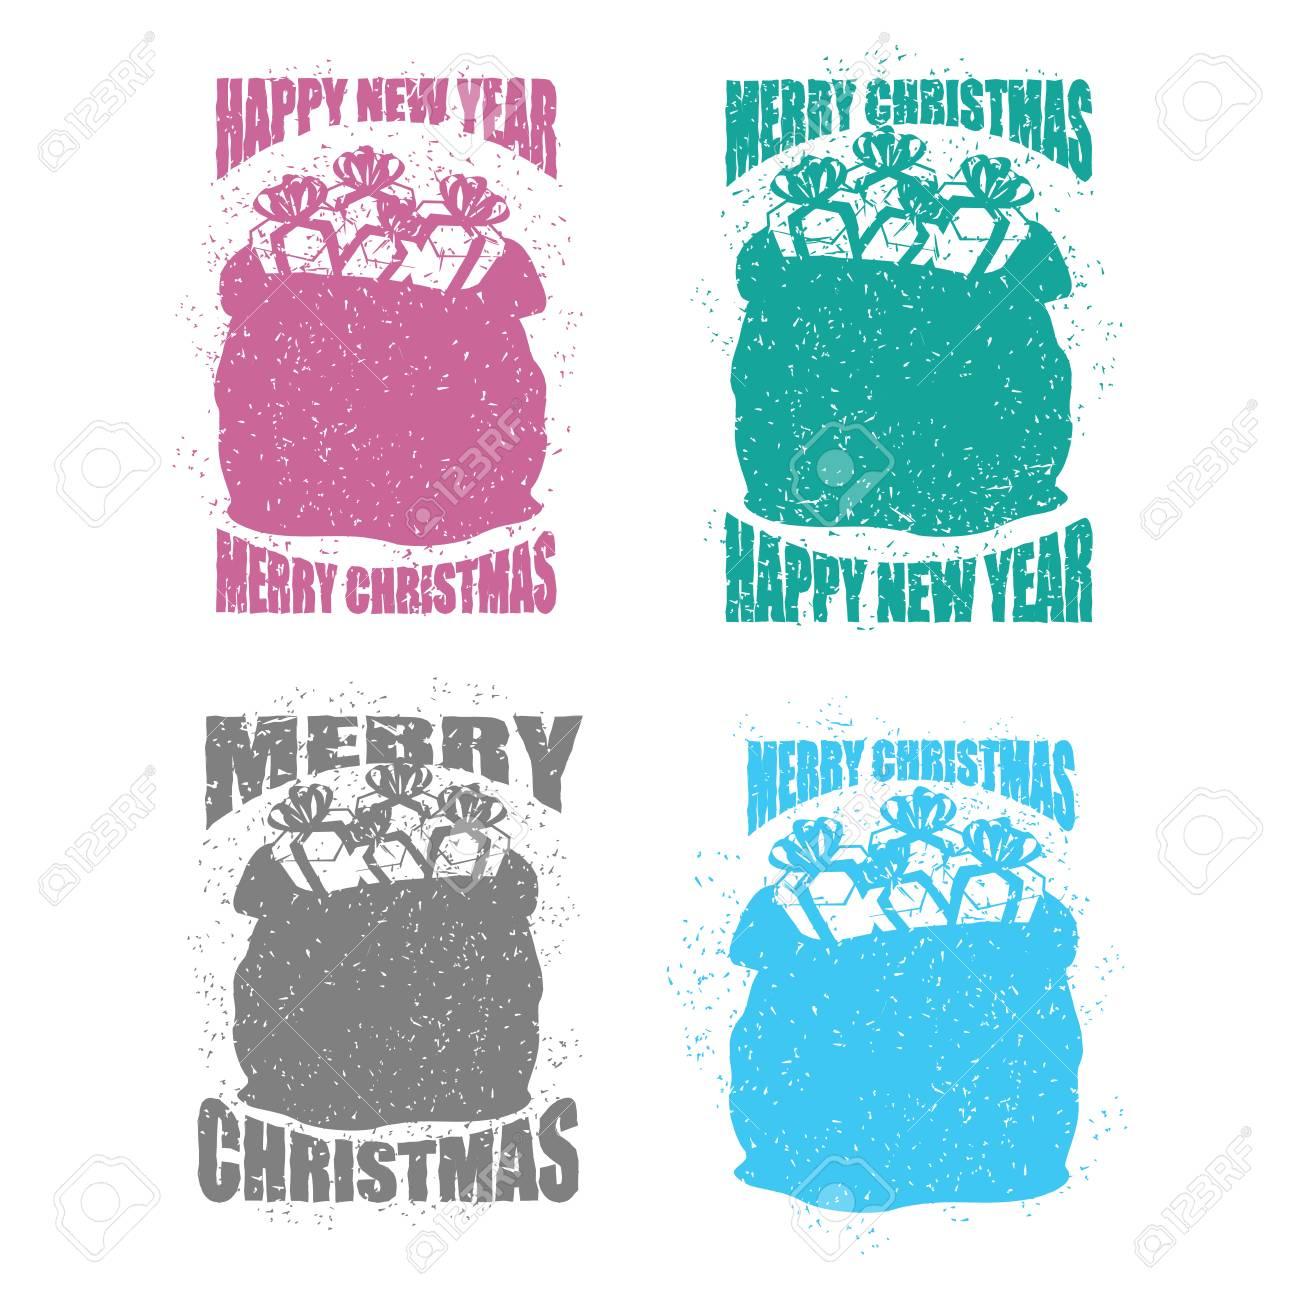 Weihnachten Vorlage Grußkarte Moderne Set. Weihnachtsmann Rote ...